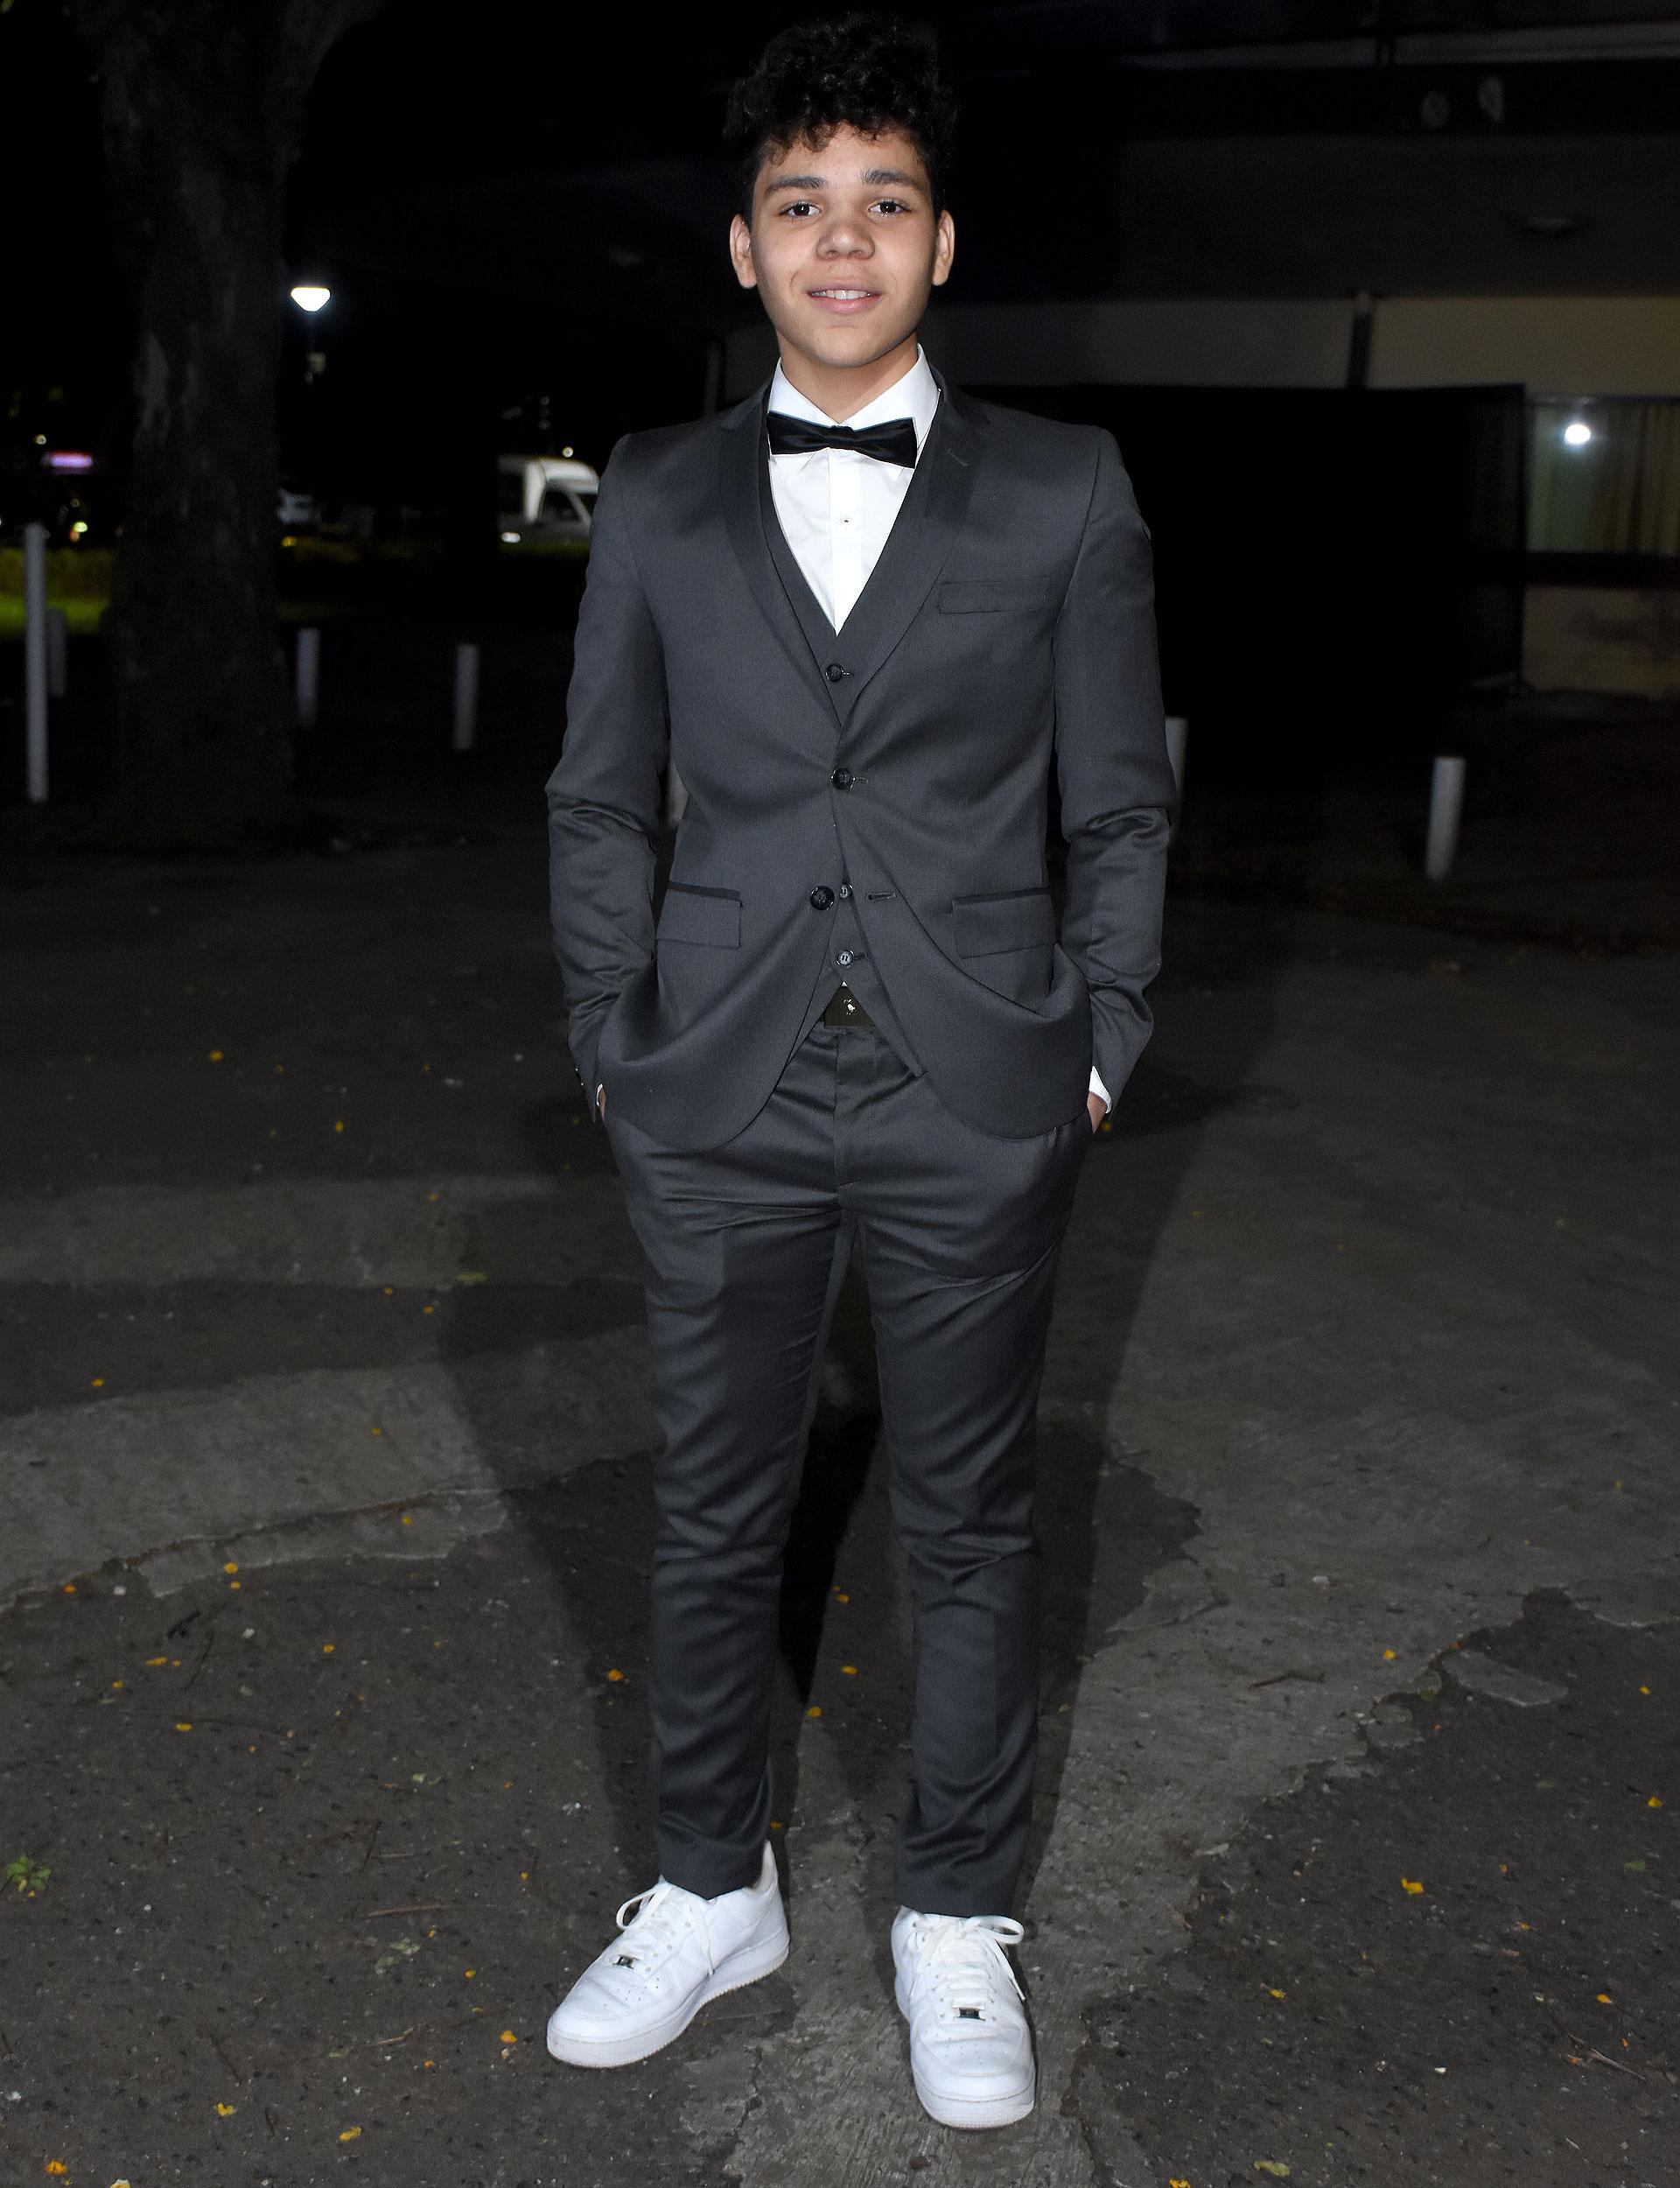 Balthazar Murillo, el joven actor que interpreta al Apache durante su infancia en la serie sobre la vida del futbolista